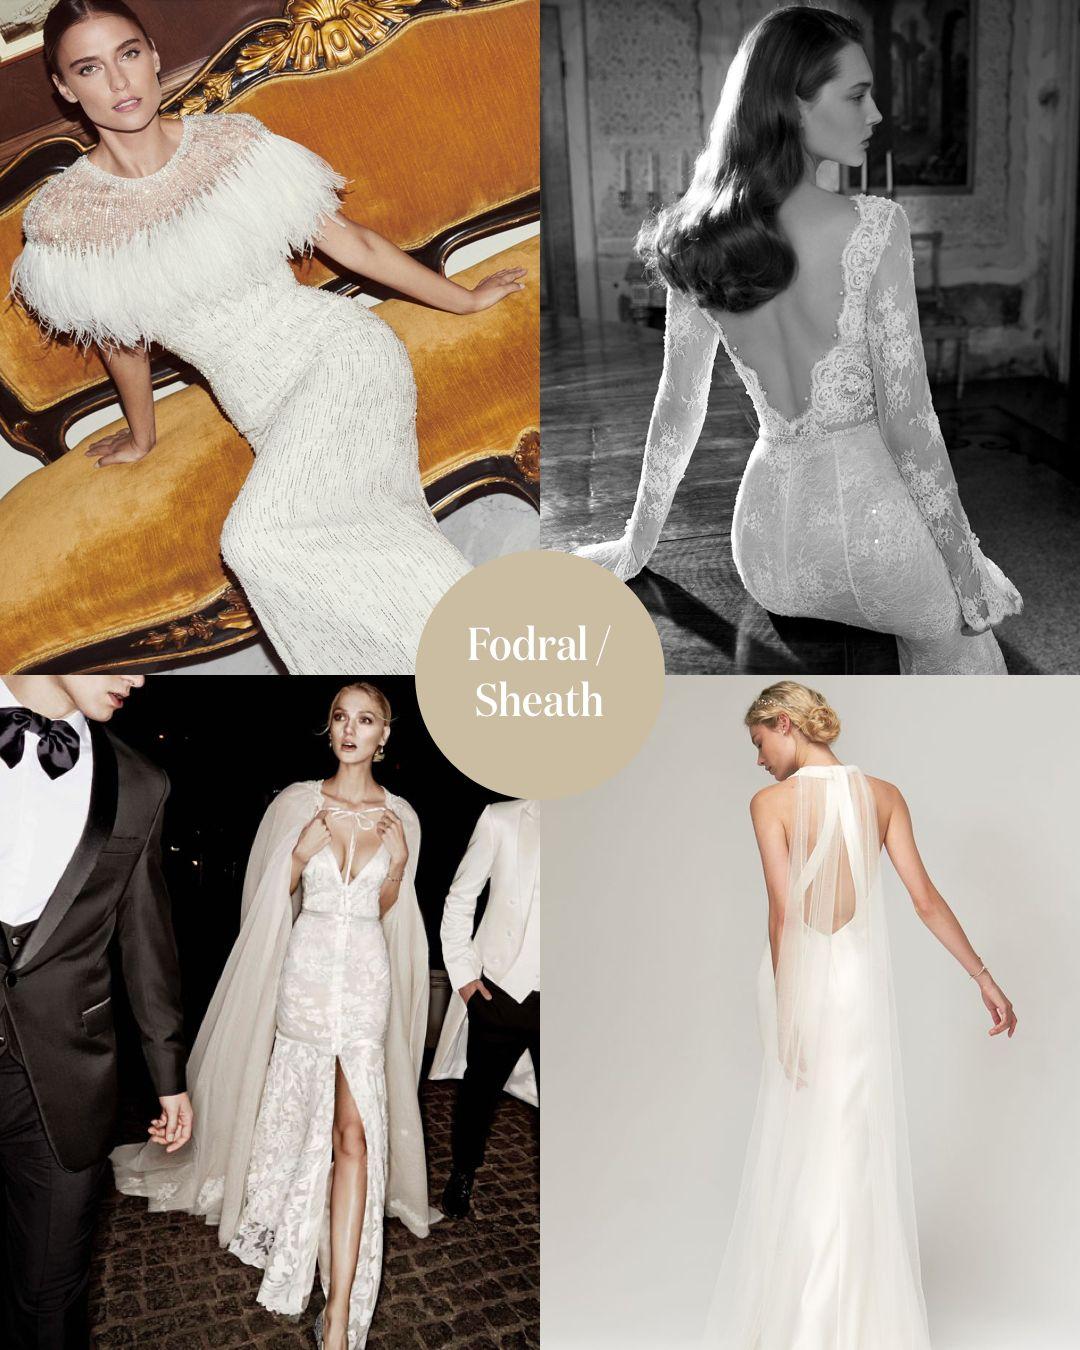 Fodral Sheath En klänning med fodralskärning liknar